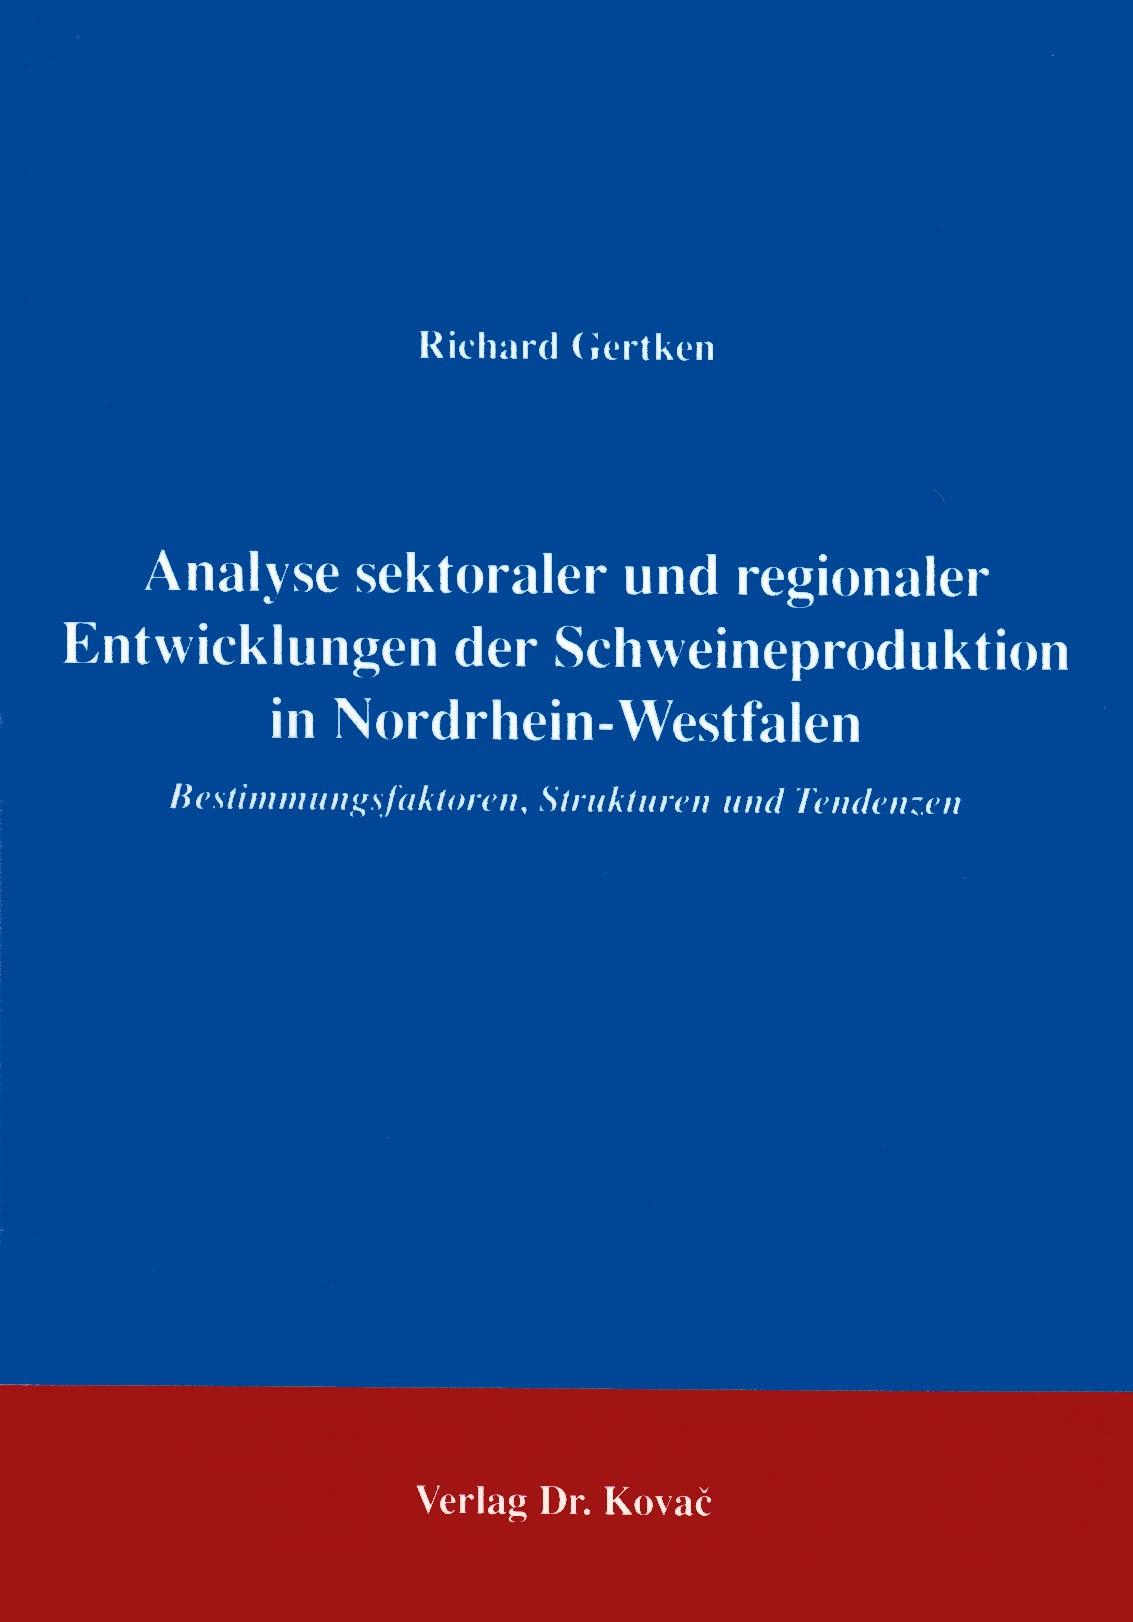 Abbildung von Gertken   Analyse sektoraler und regionaler Entwicklungen der Schweineproduktion in Nordrhein-Westfalen   1996